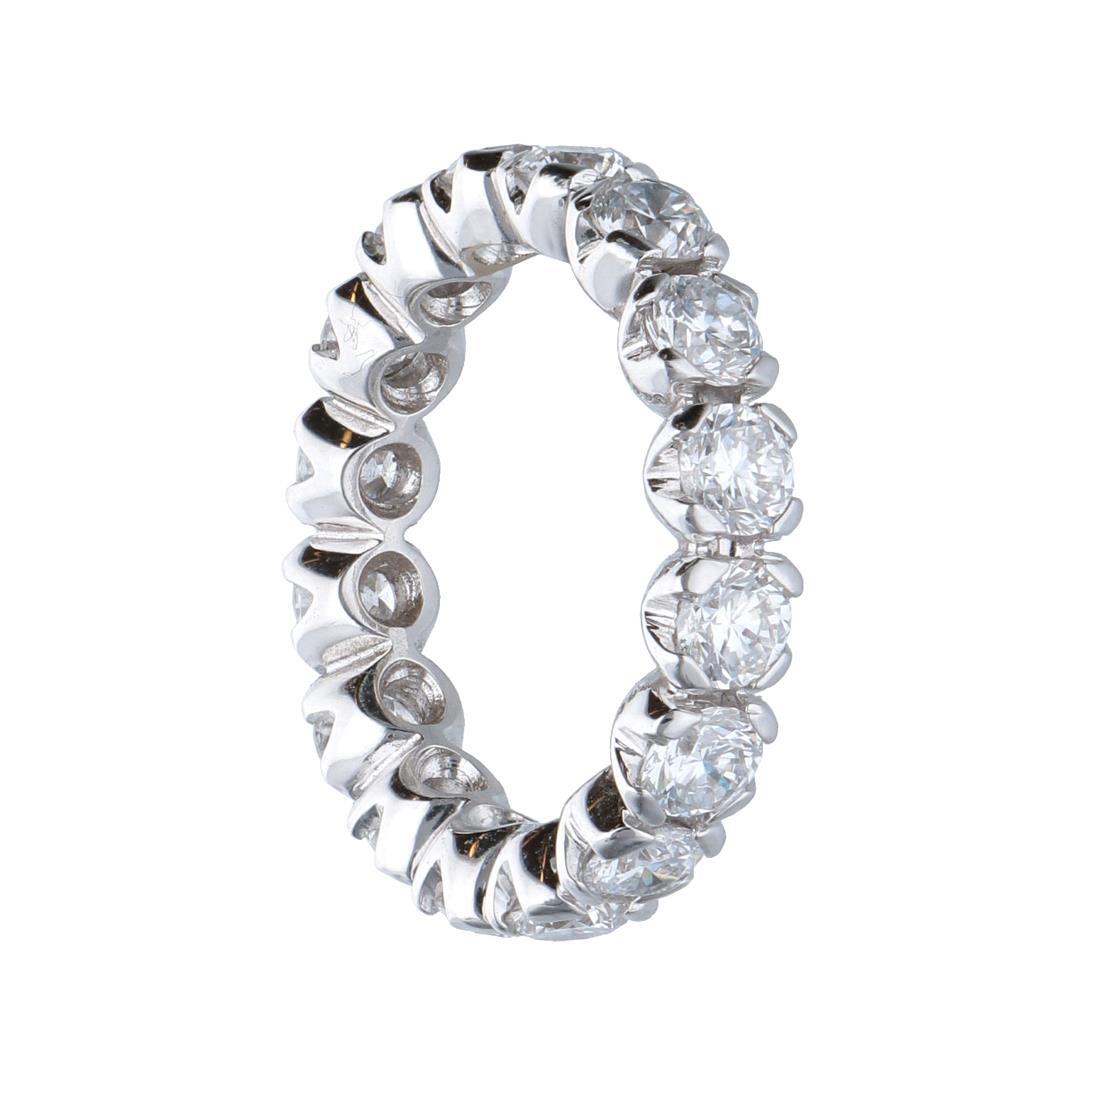 Anello eternity in oro bianco con diamanti 2.87 ct mis 12.5 - ALFIERI ST JOHN